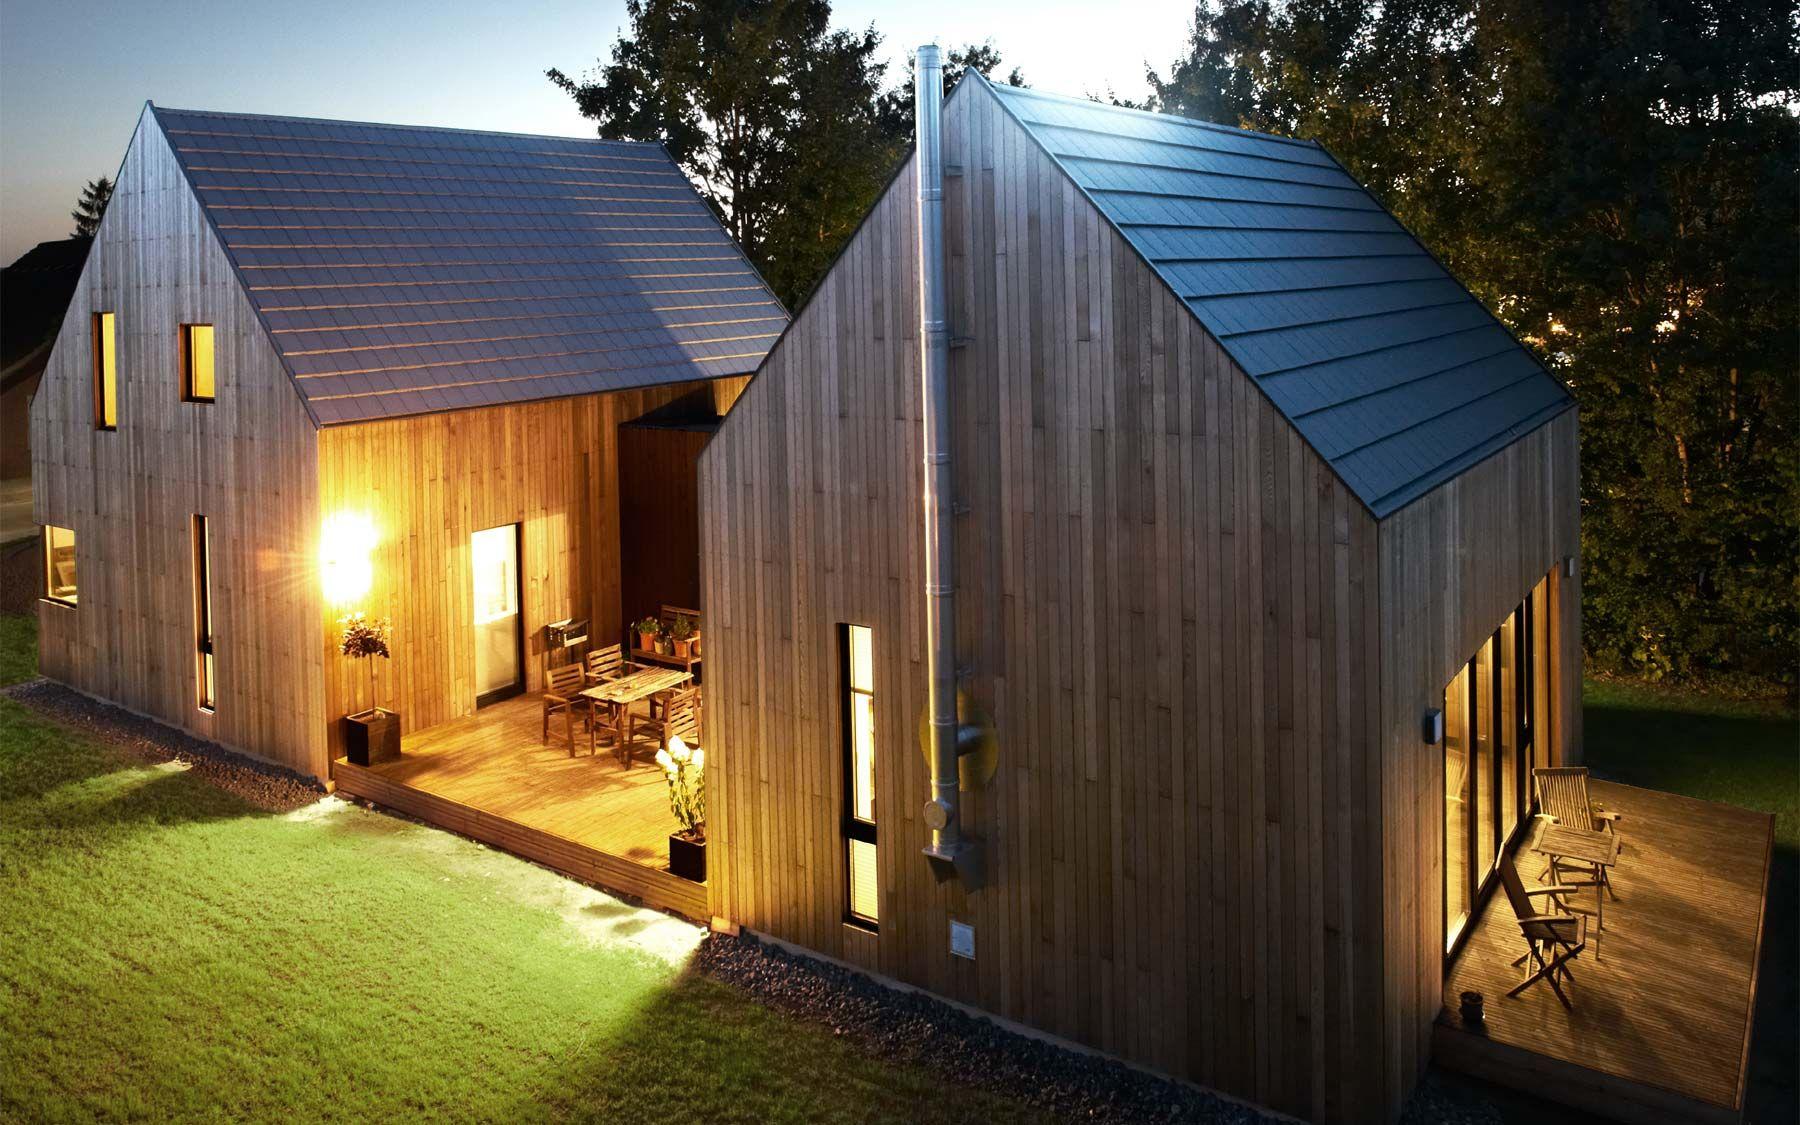 haus autzen christian stolz pinterest h uschen architektur und holzh uschen. Black Bedroom Furniture Sets. Home Design Ideas